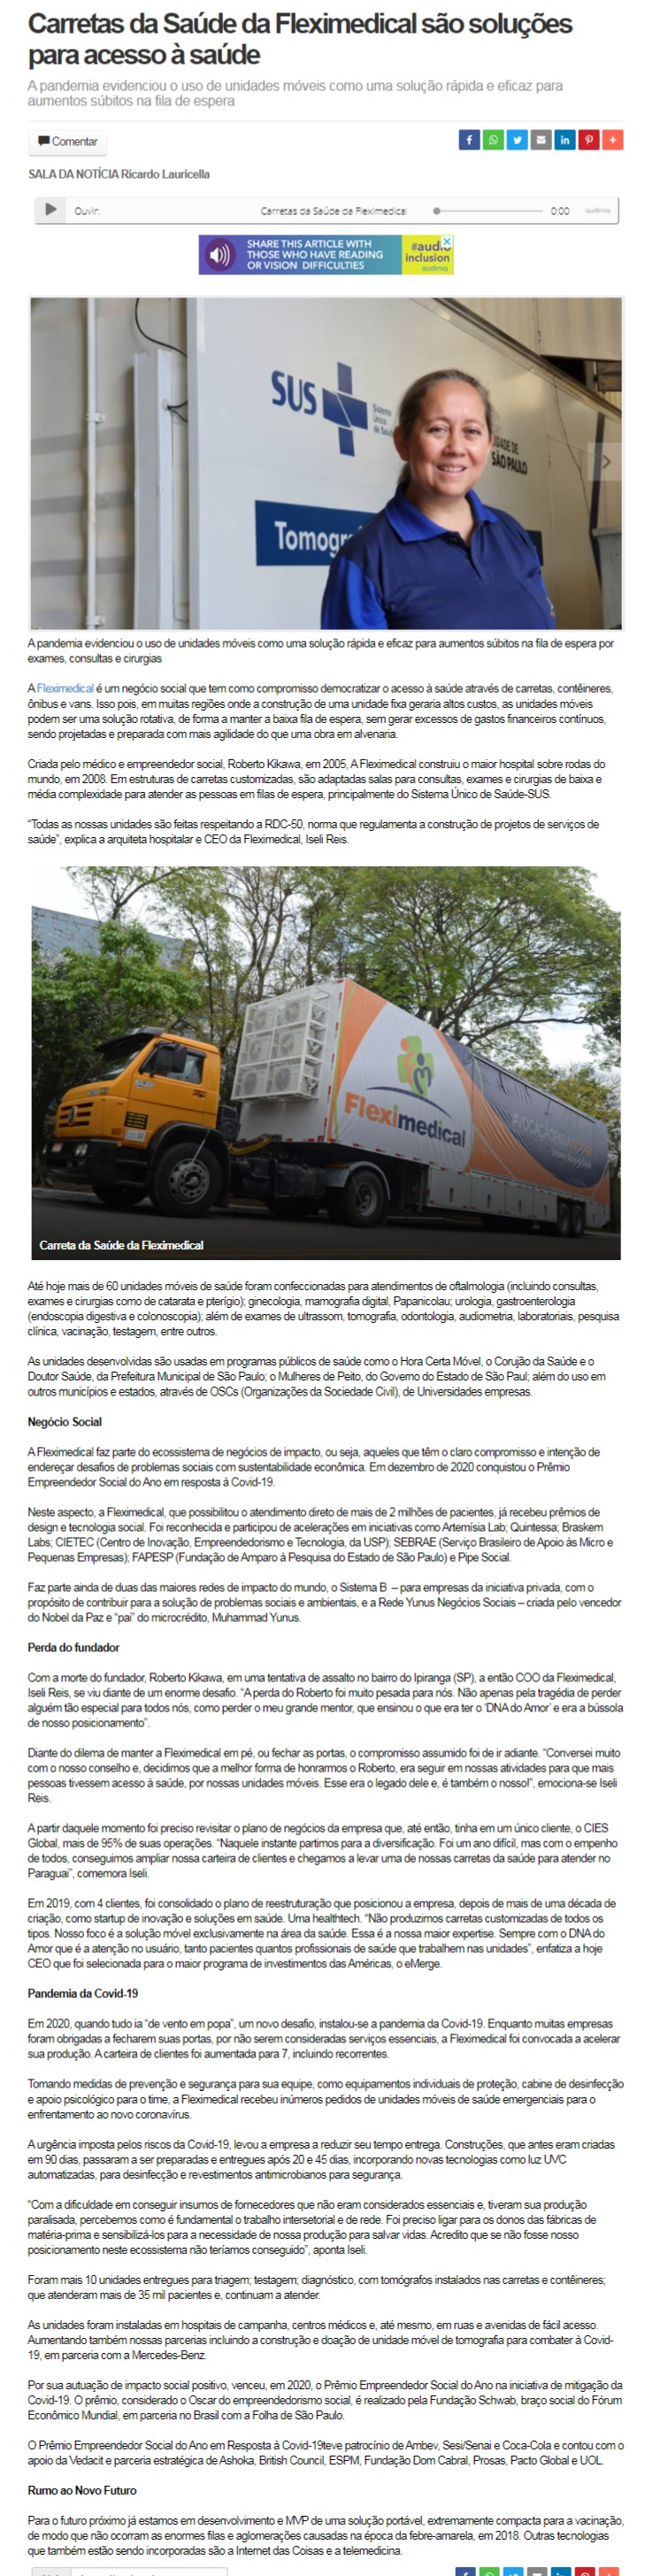 Carretas da Saúde da Fleximedical são soluções para acesso à saúde - Regional Express MG